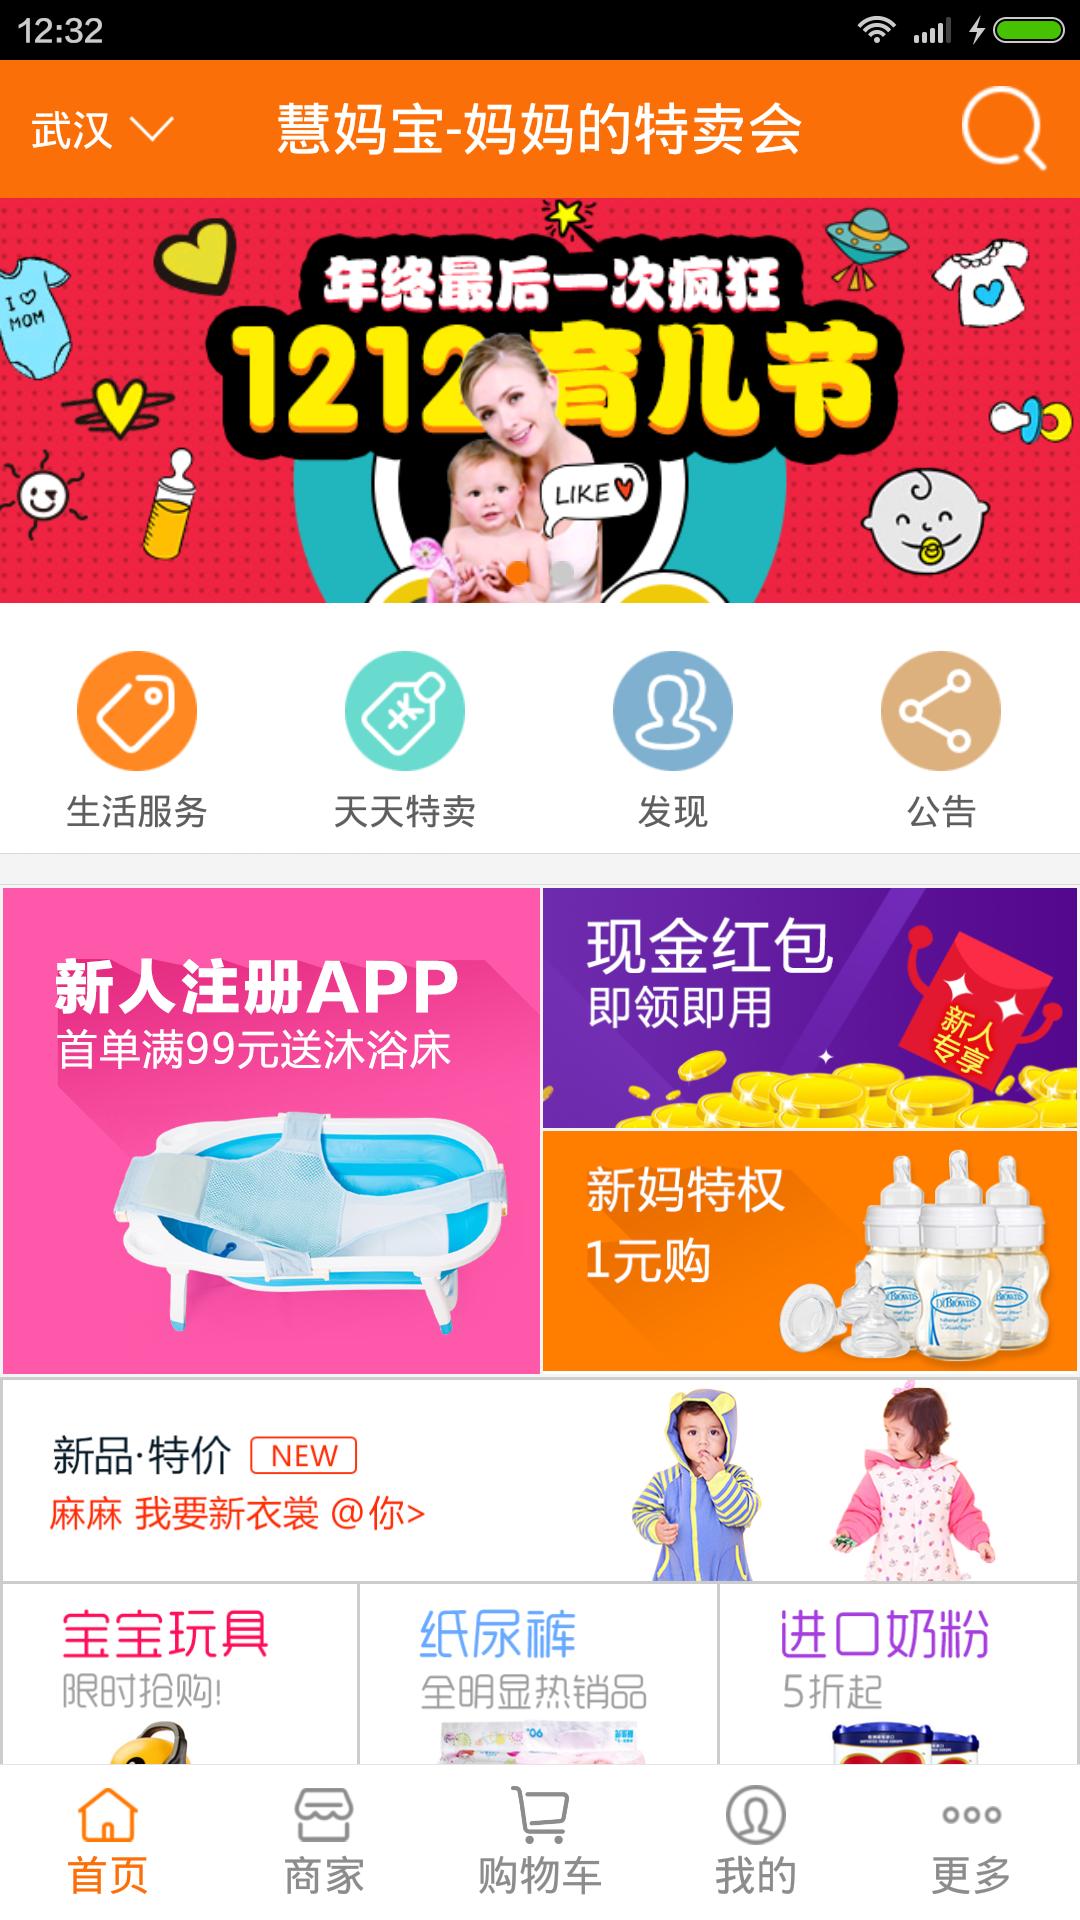 慧妈宝母婴 V4.7.12 安卓版截图1